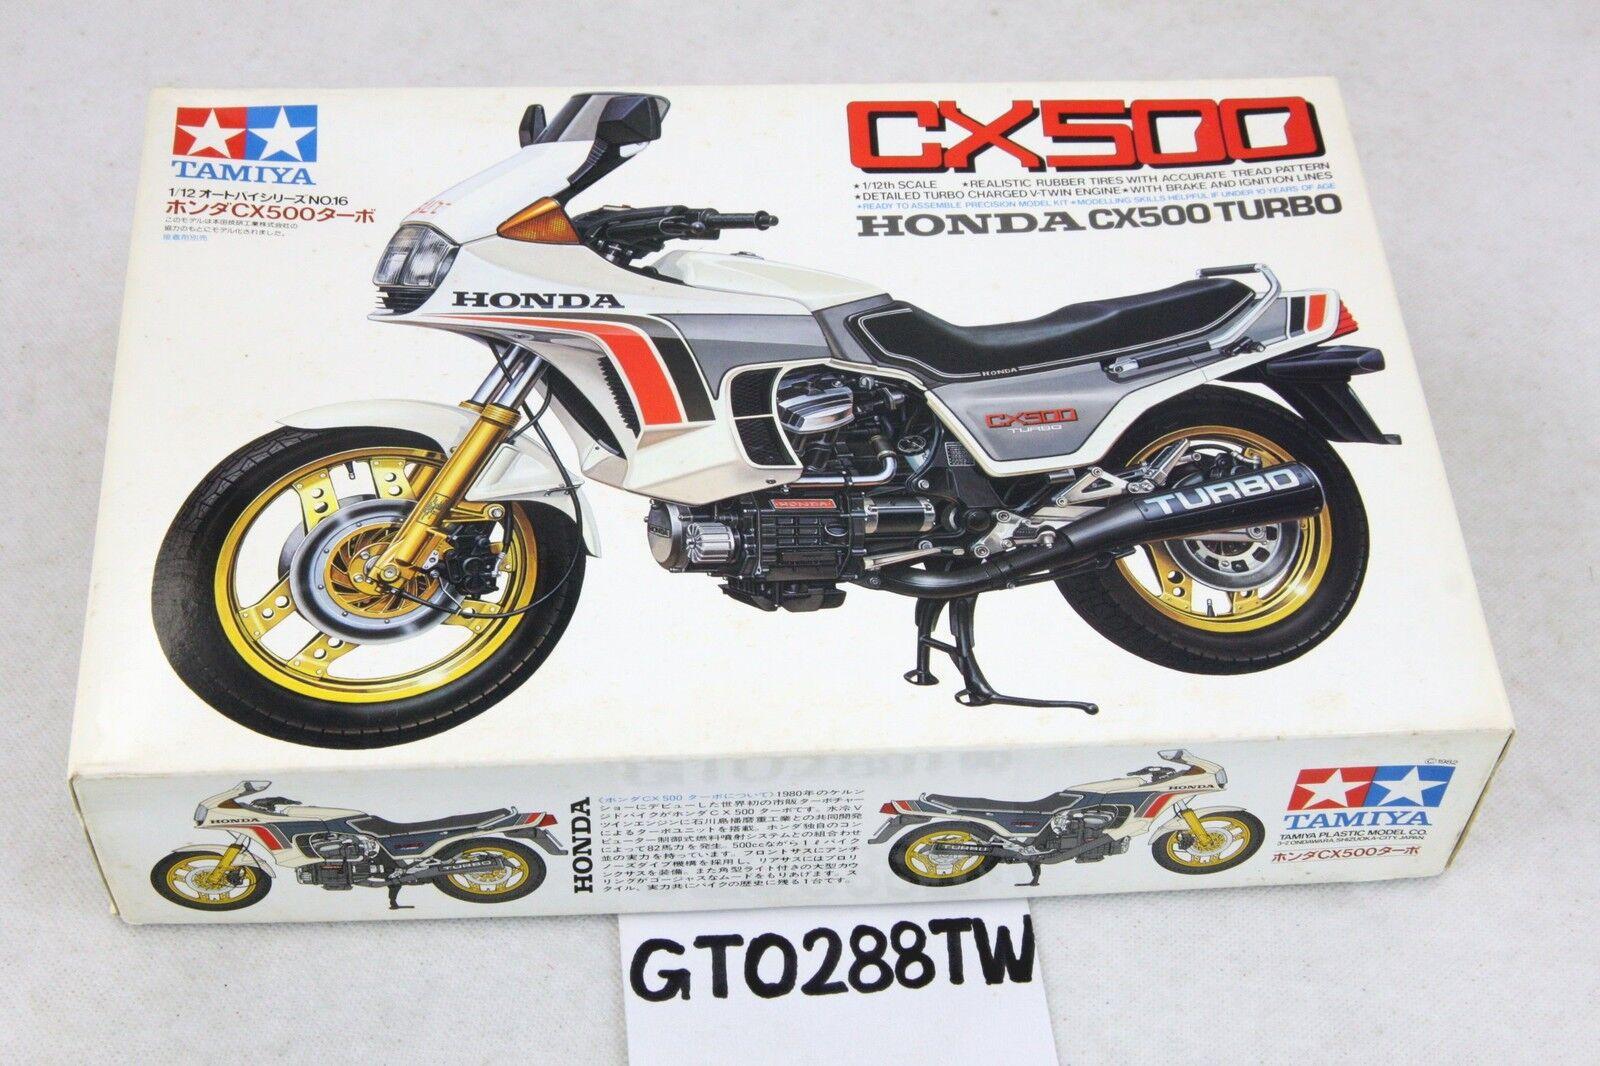 TAMIYA 1 12 scale bike kit- Honda CX500 Turbo 1982